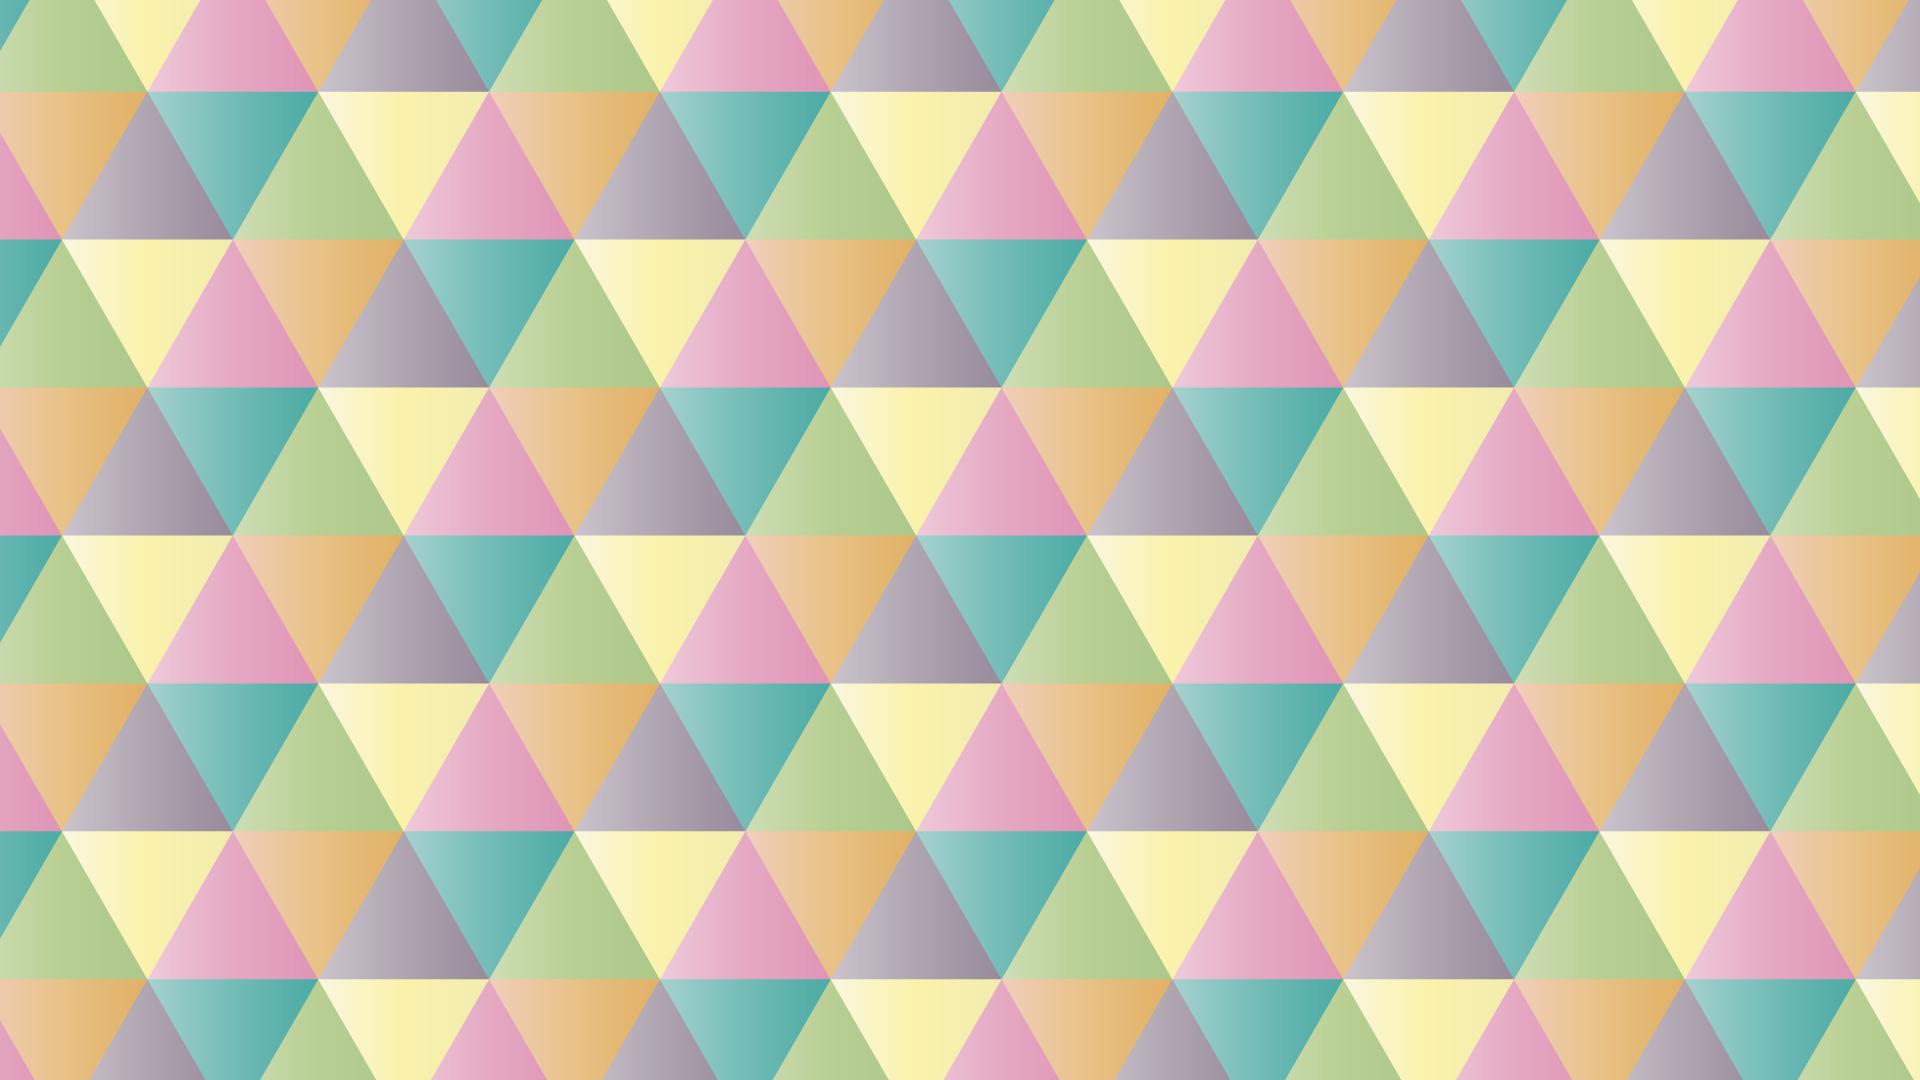 テクスチャ・トライアングルの壁紙・背景素材 1,920px×1,080px